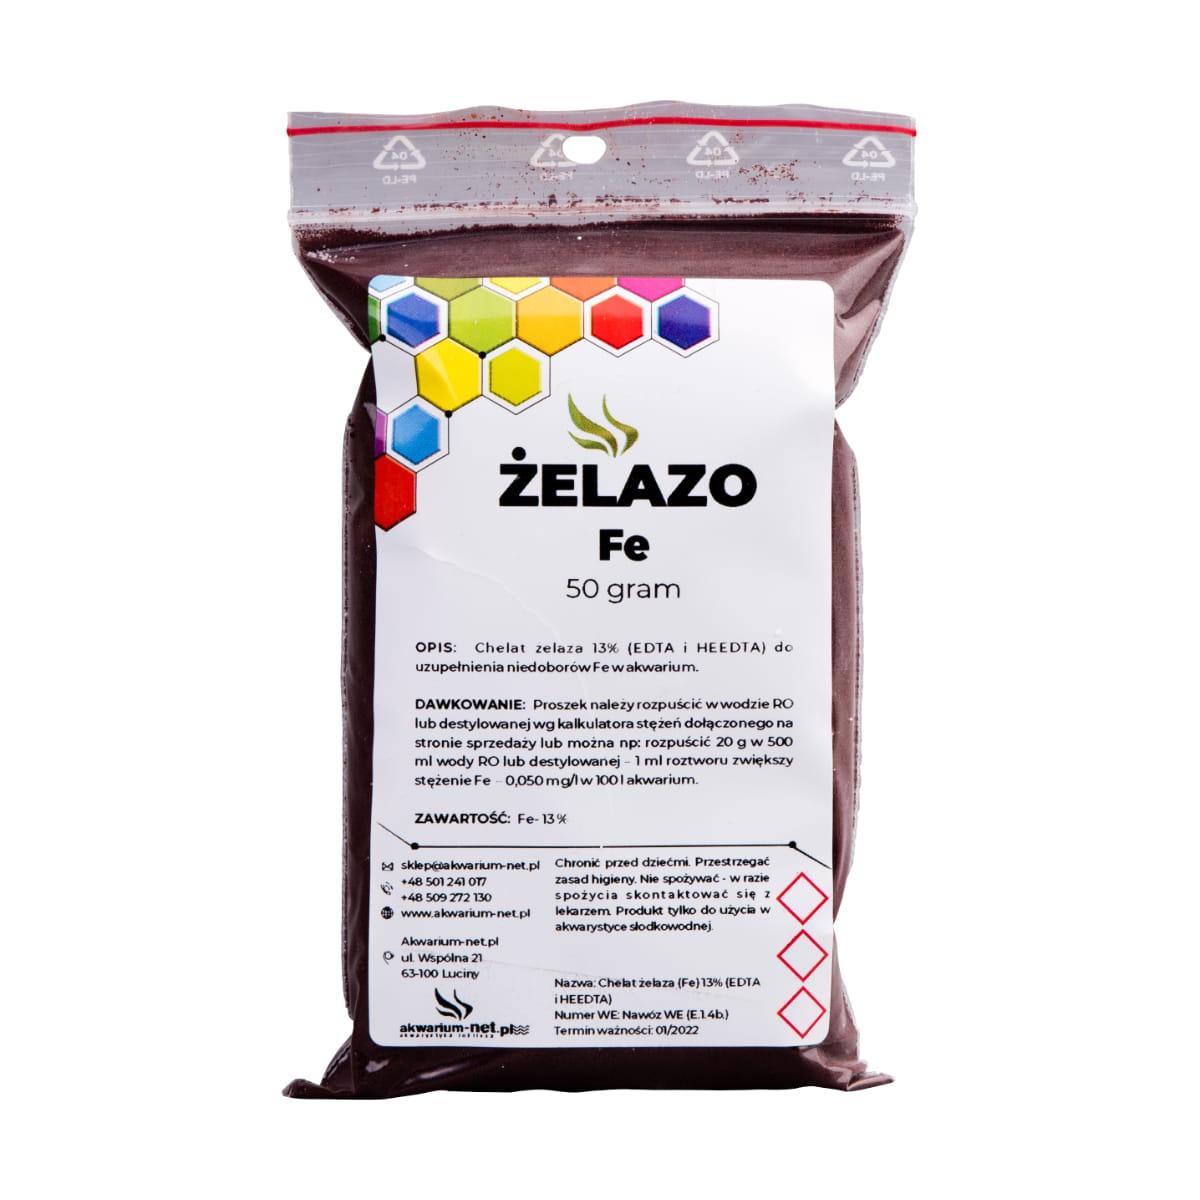 Zupełnie nowe ŻELAZO - CHELAT Fe 13% 50 g Sklep AKWARIUM-NET: Rośliny akwariowe MS72